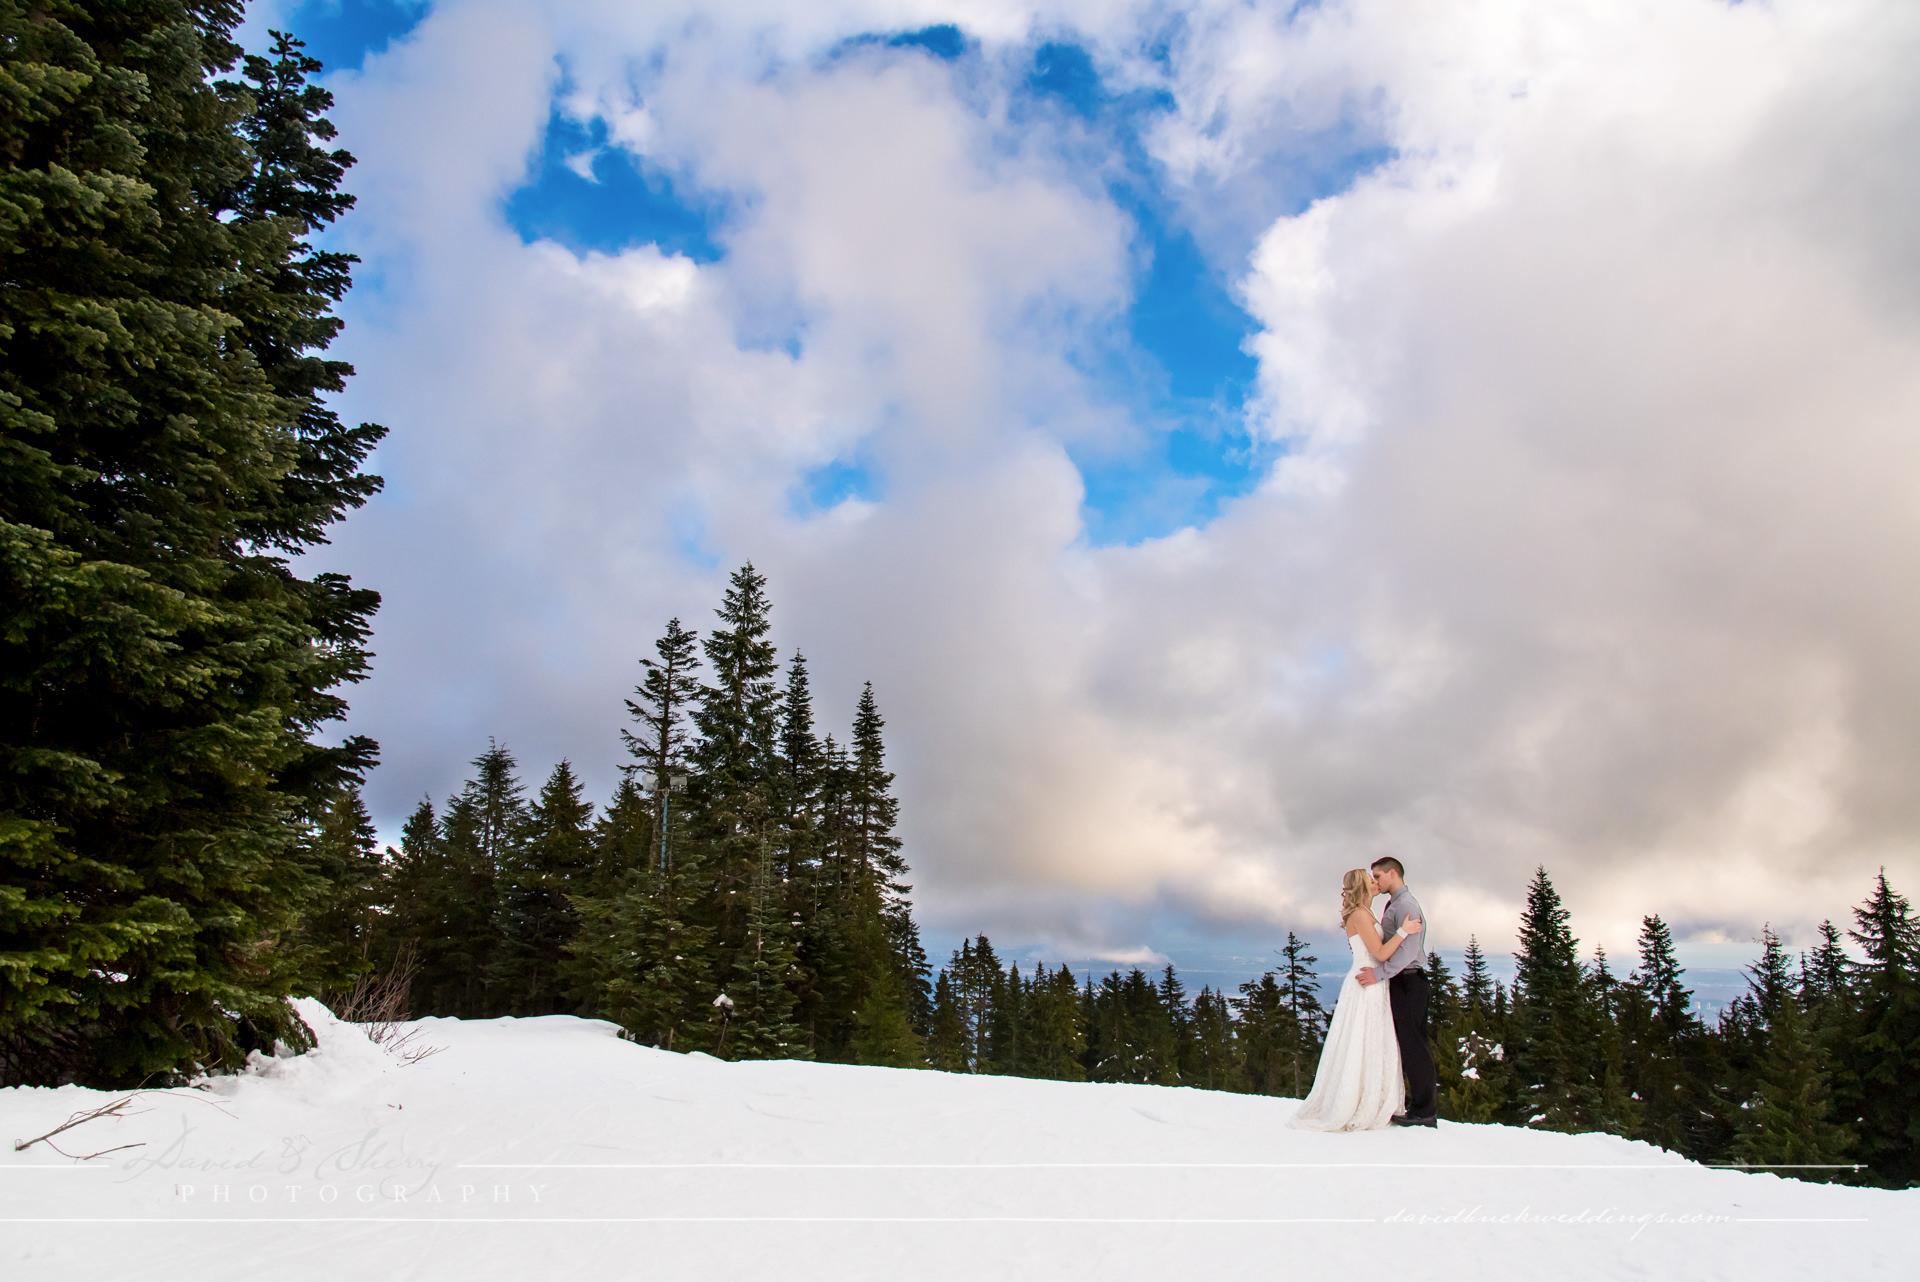 Unique Winter Engagement Photos Grouse Mountain Winter...